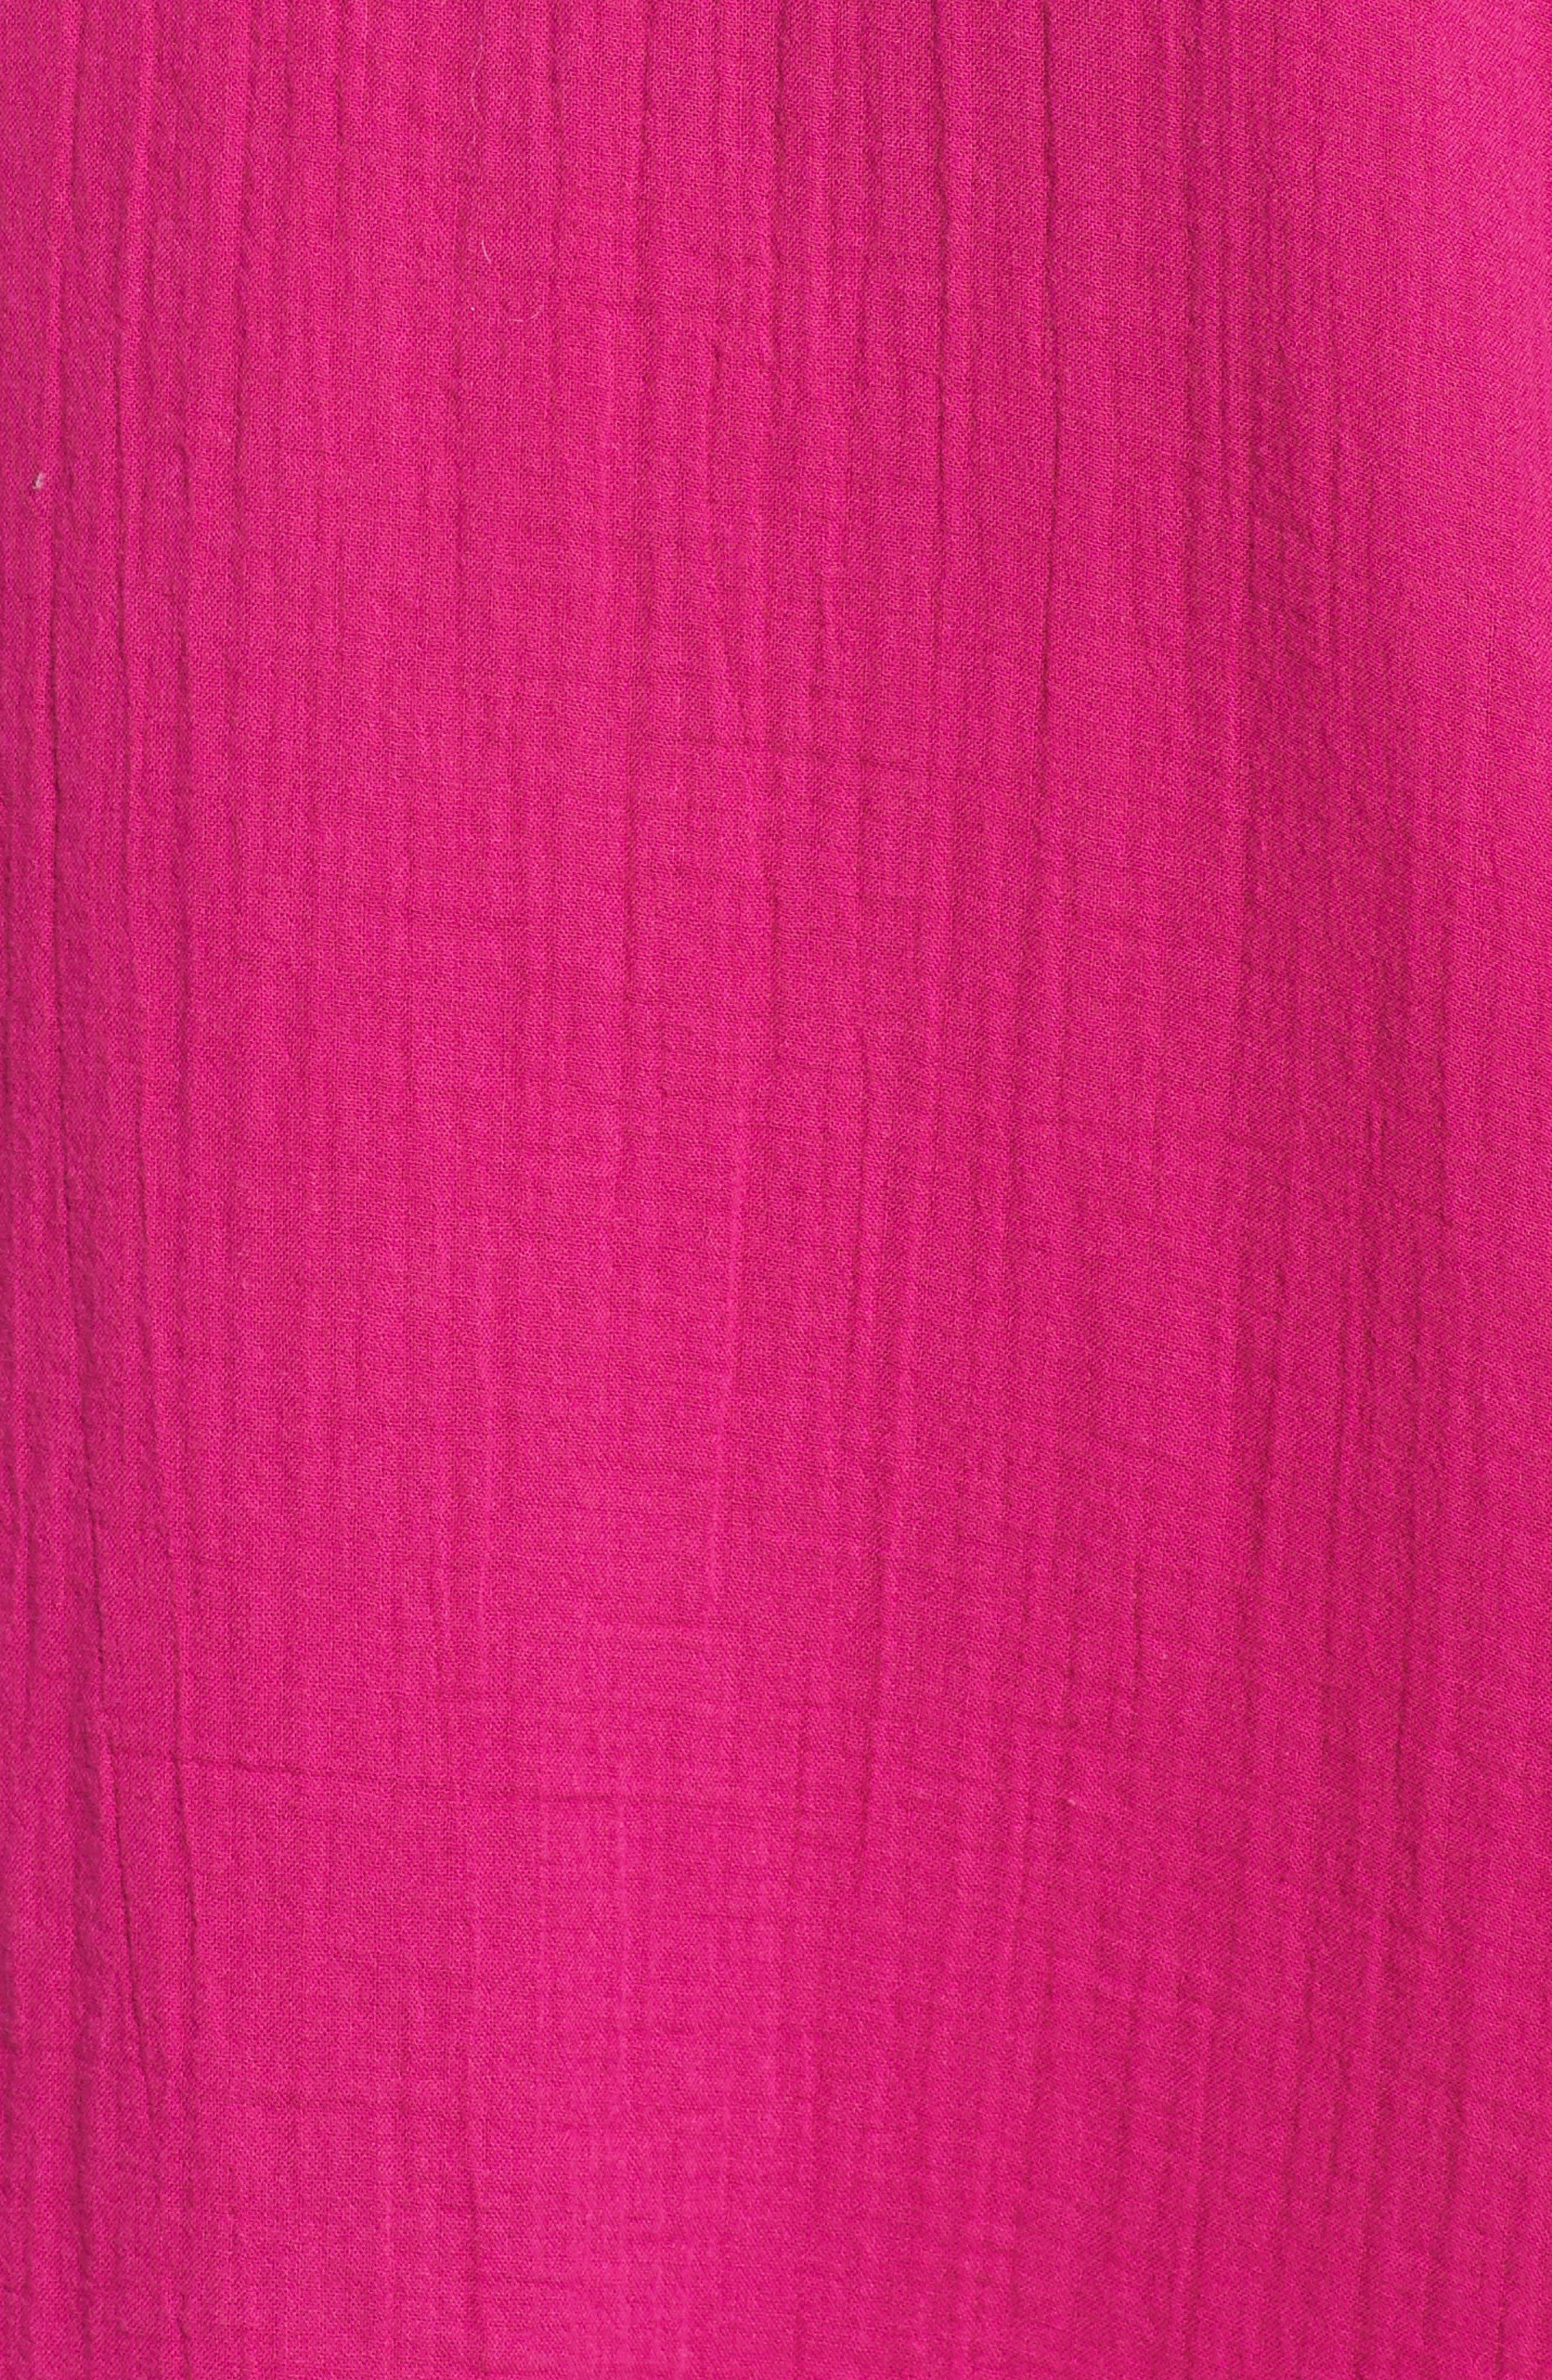 V-Neck Cotton Midi Dress,                             Alternate thumbnail 6, color,                             Cerise